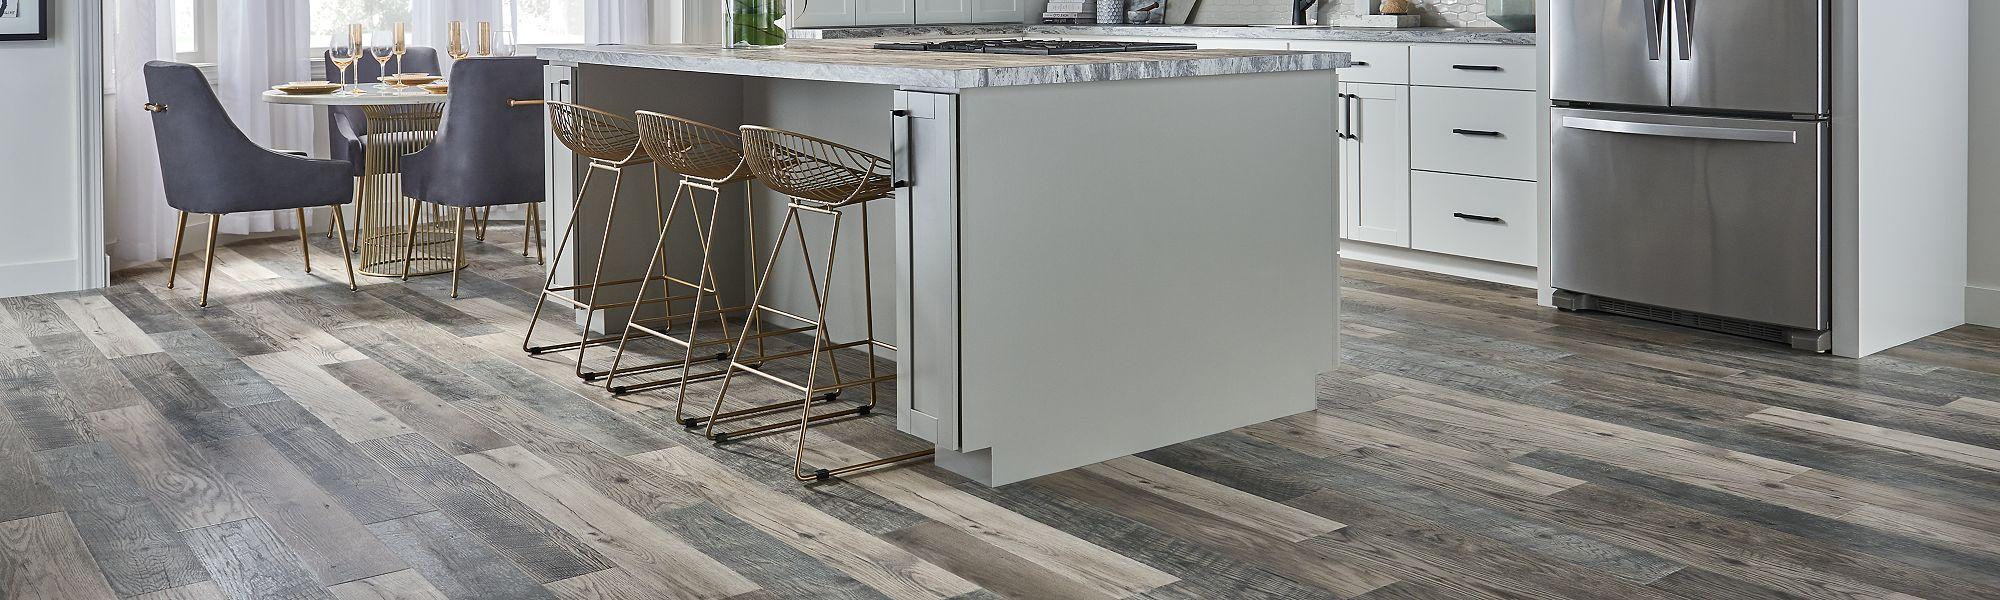 Pergo Flooring, Waterproof Pergo Laminate Flooring